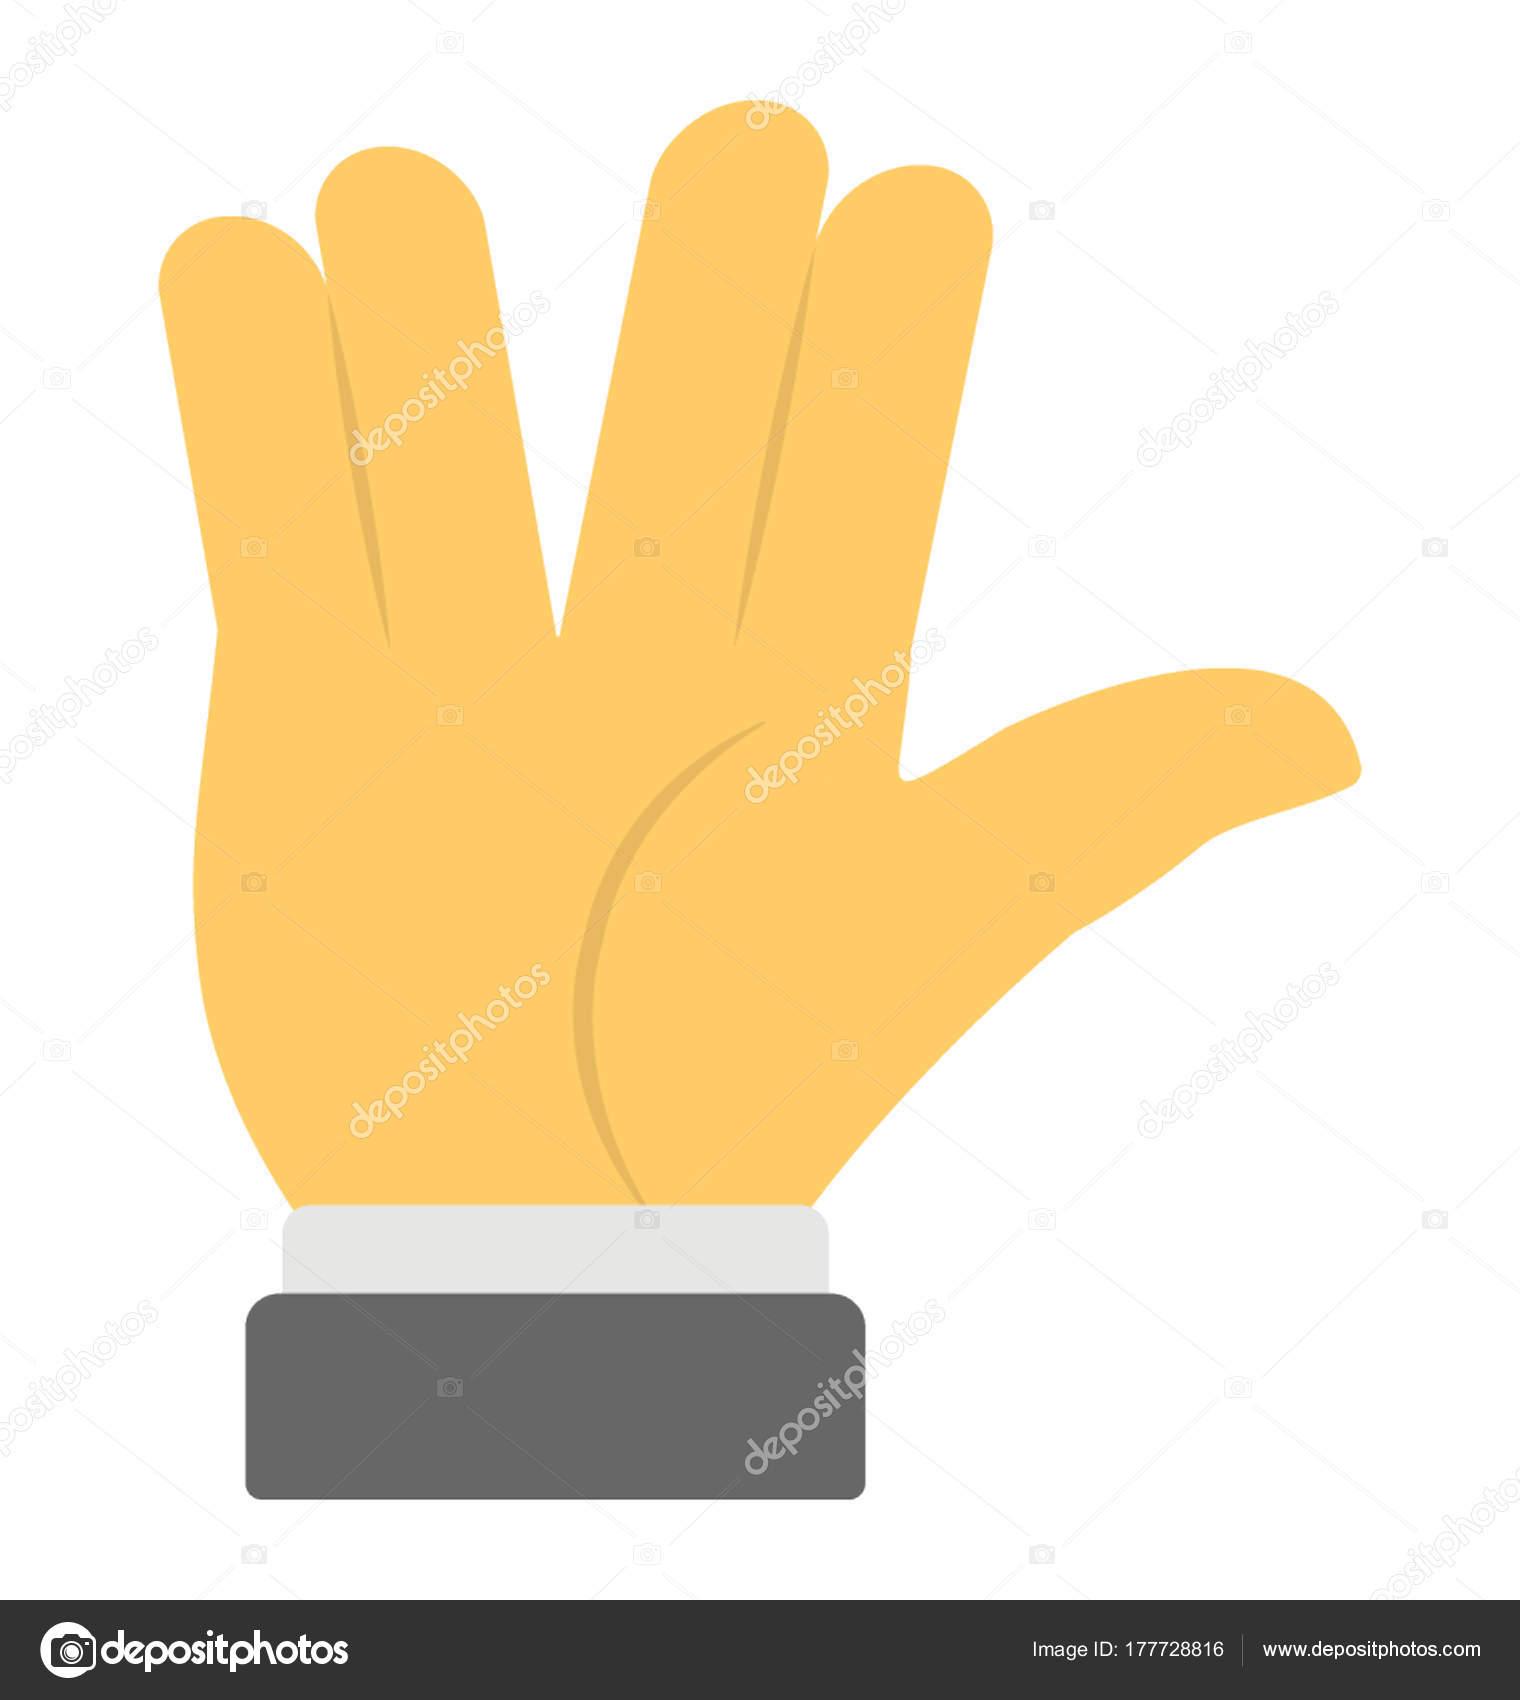 人差し指と中指 薬指と小指の間にスペースを作りながら一緒に共同